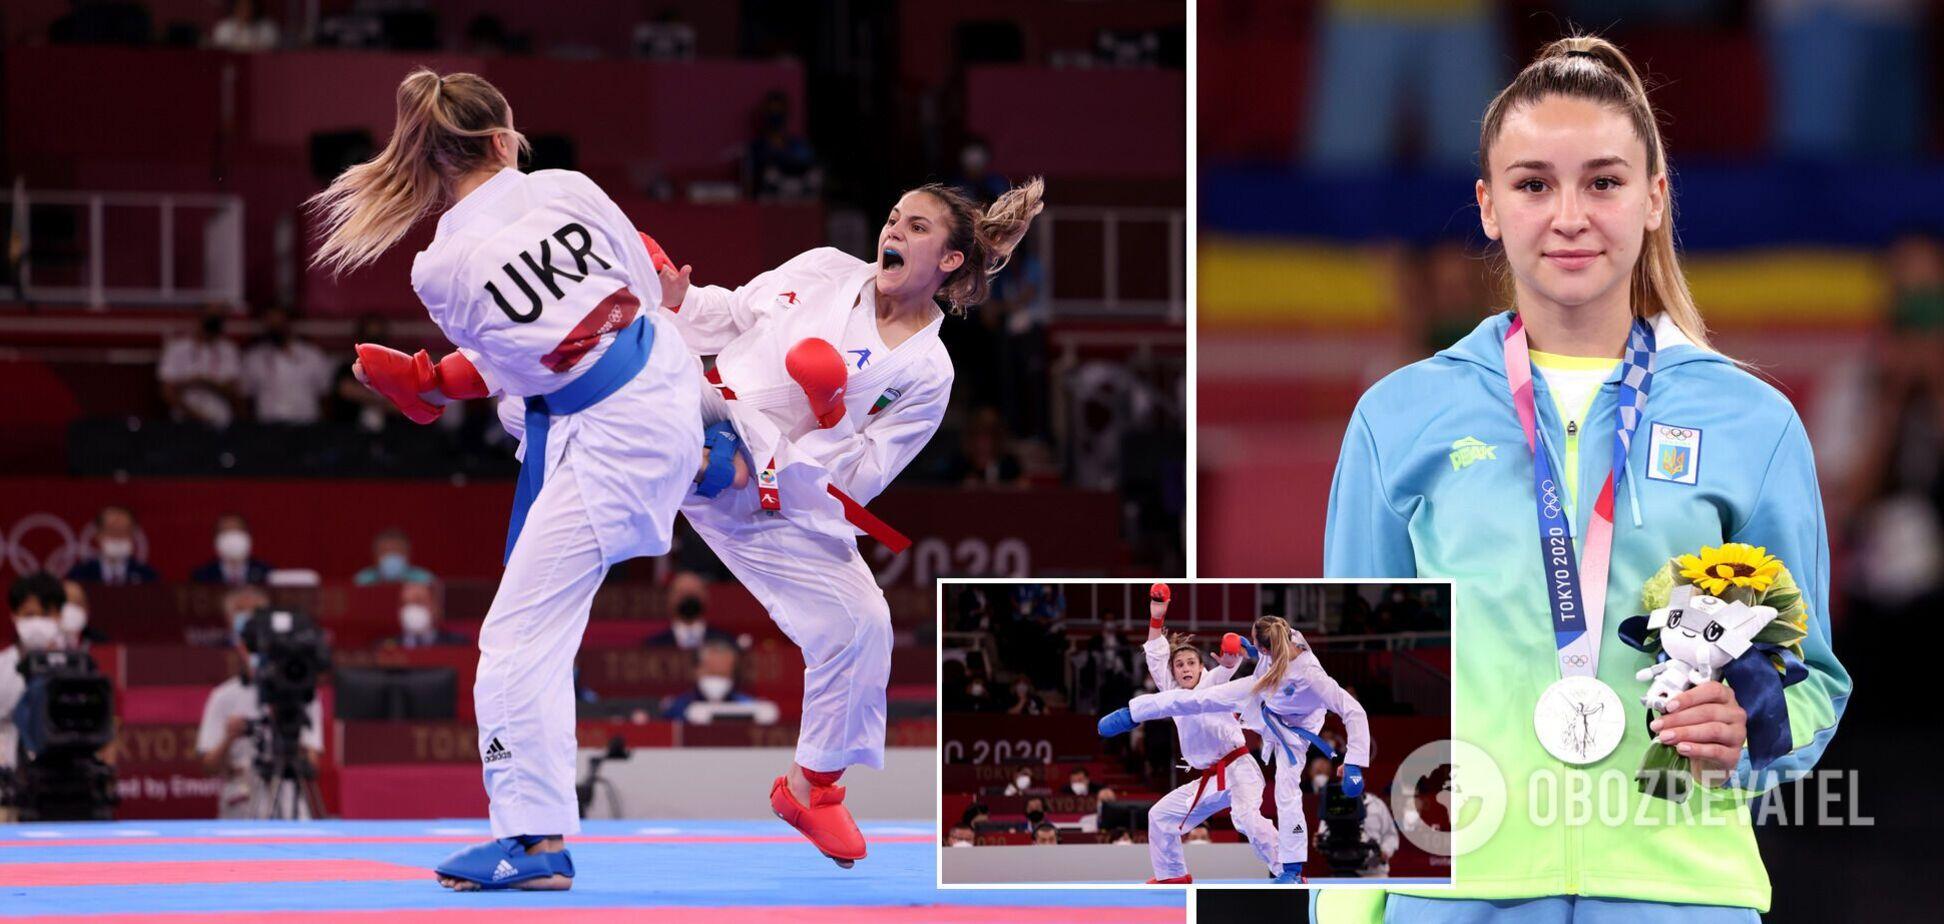 Каратистка Терлюга принесла Украине третье 'серебро' на Олимпиаде-2020. Фото и видео